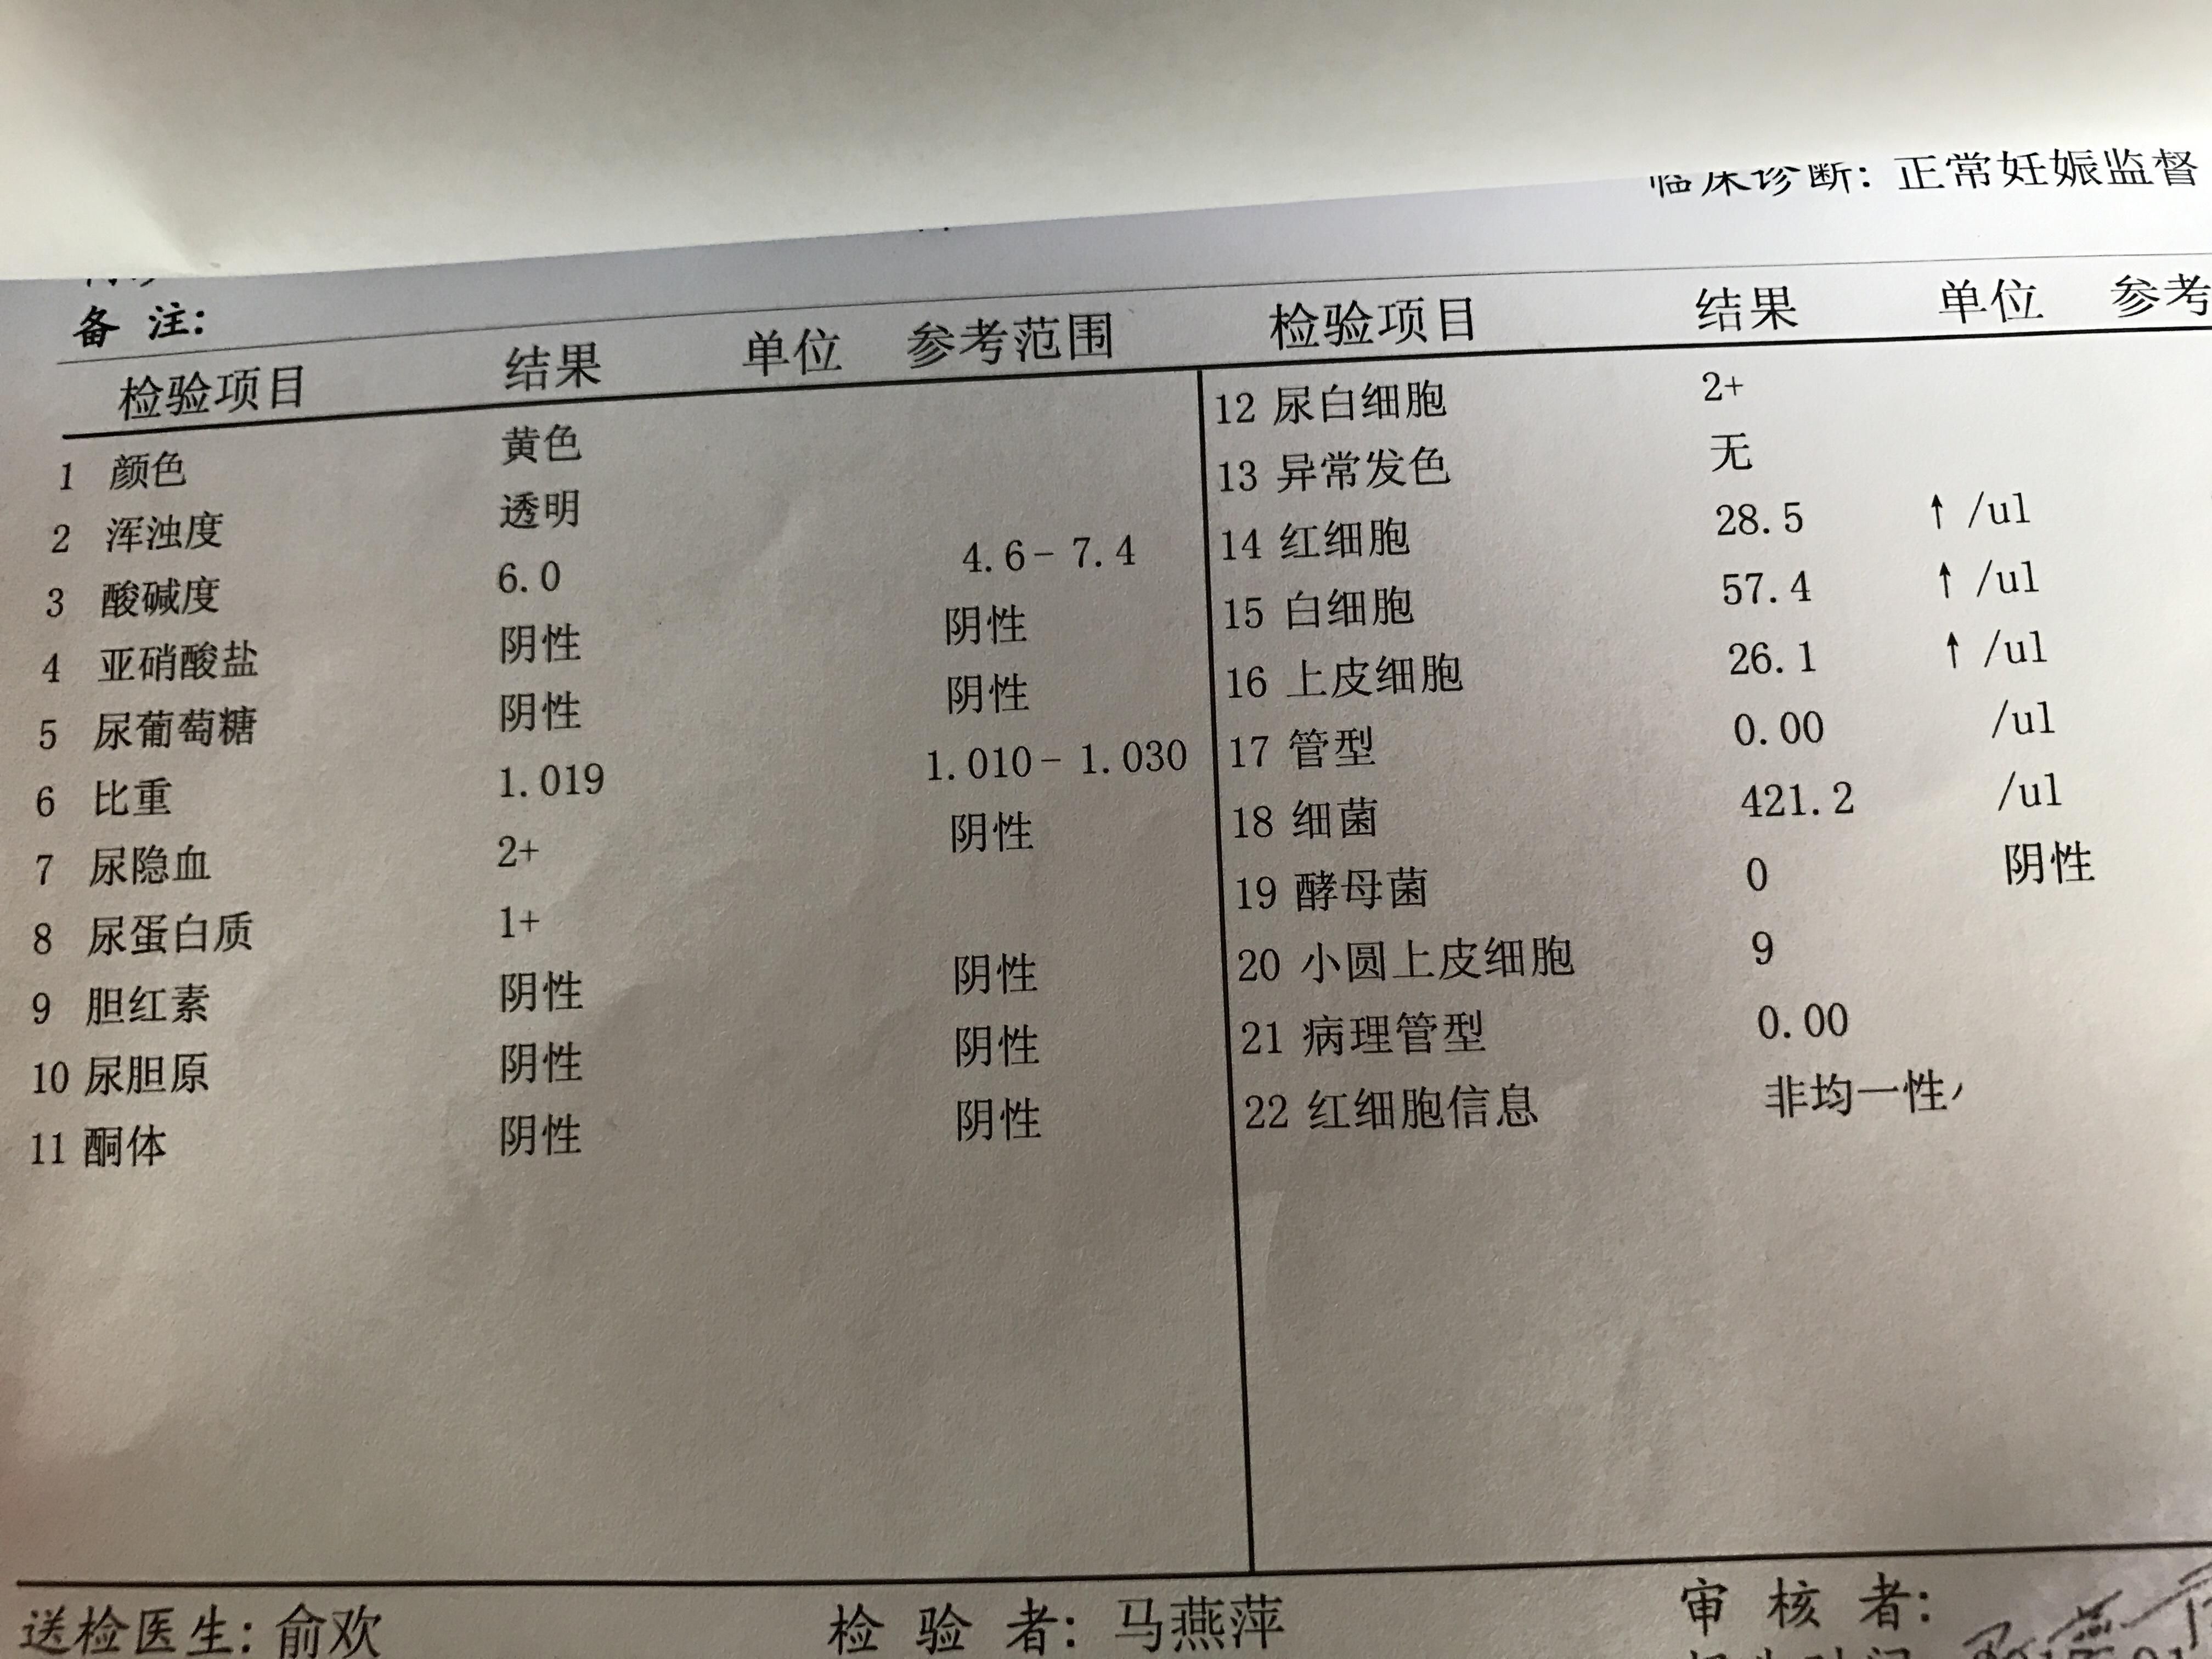 尿常规检查尿隐血2加,尿蛋白质1加,红细胞越来